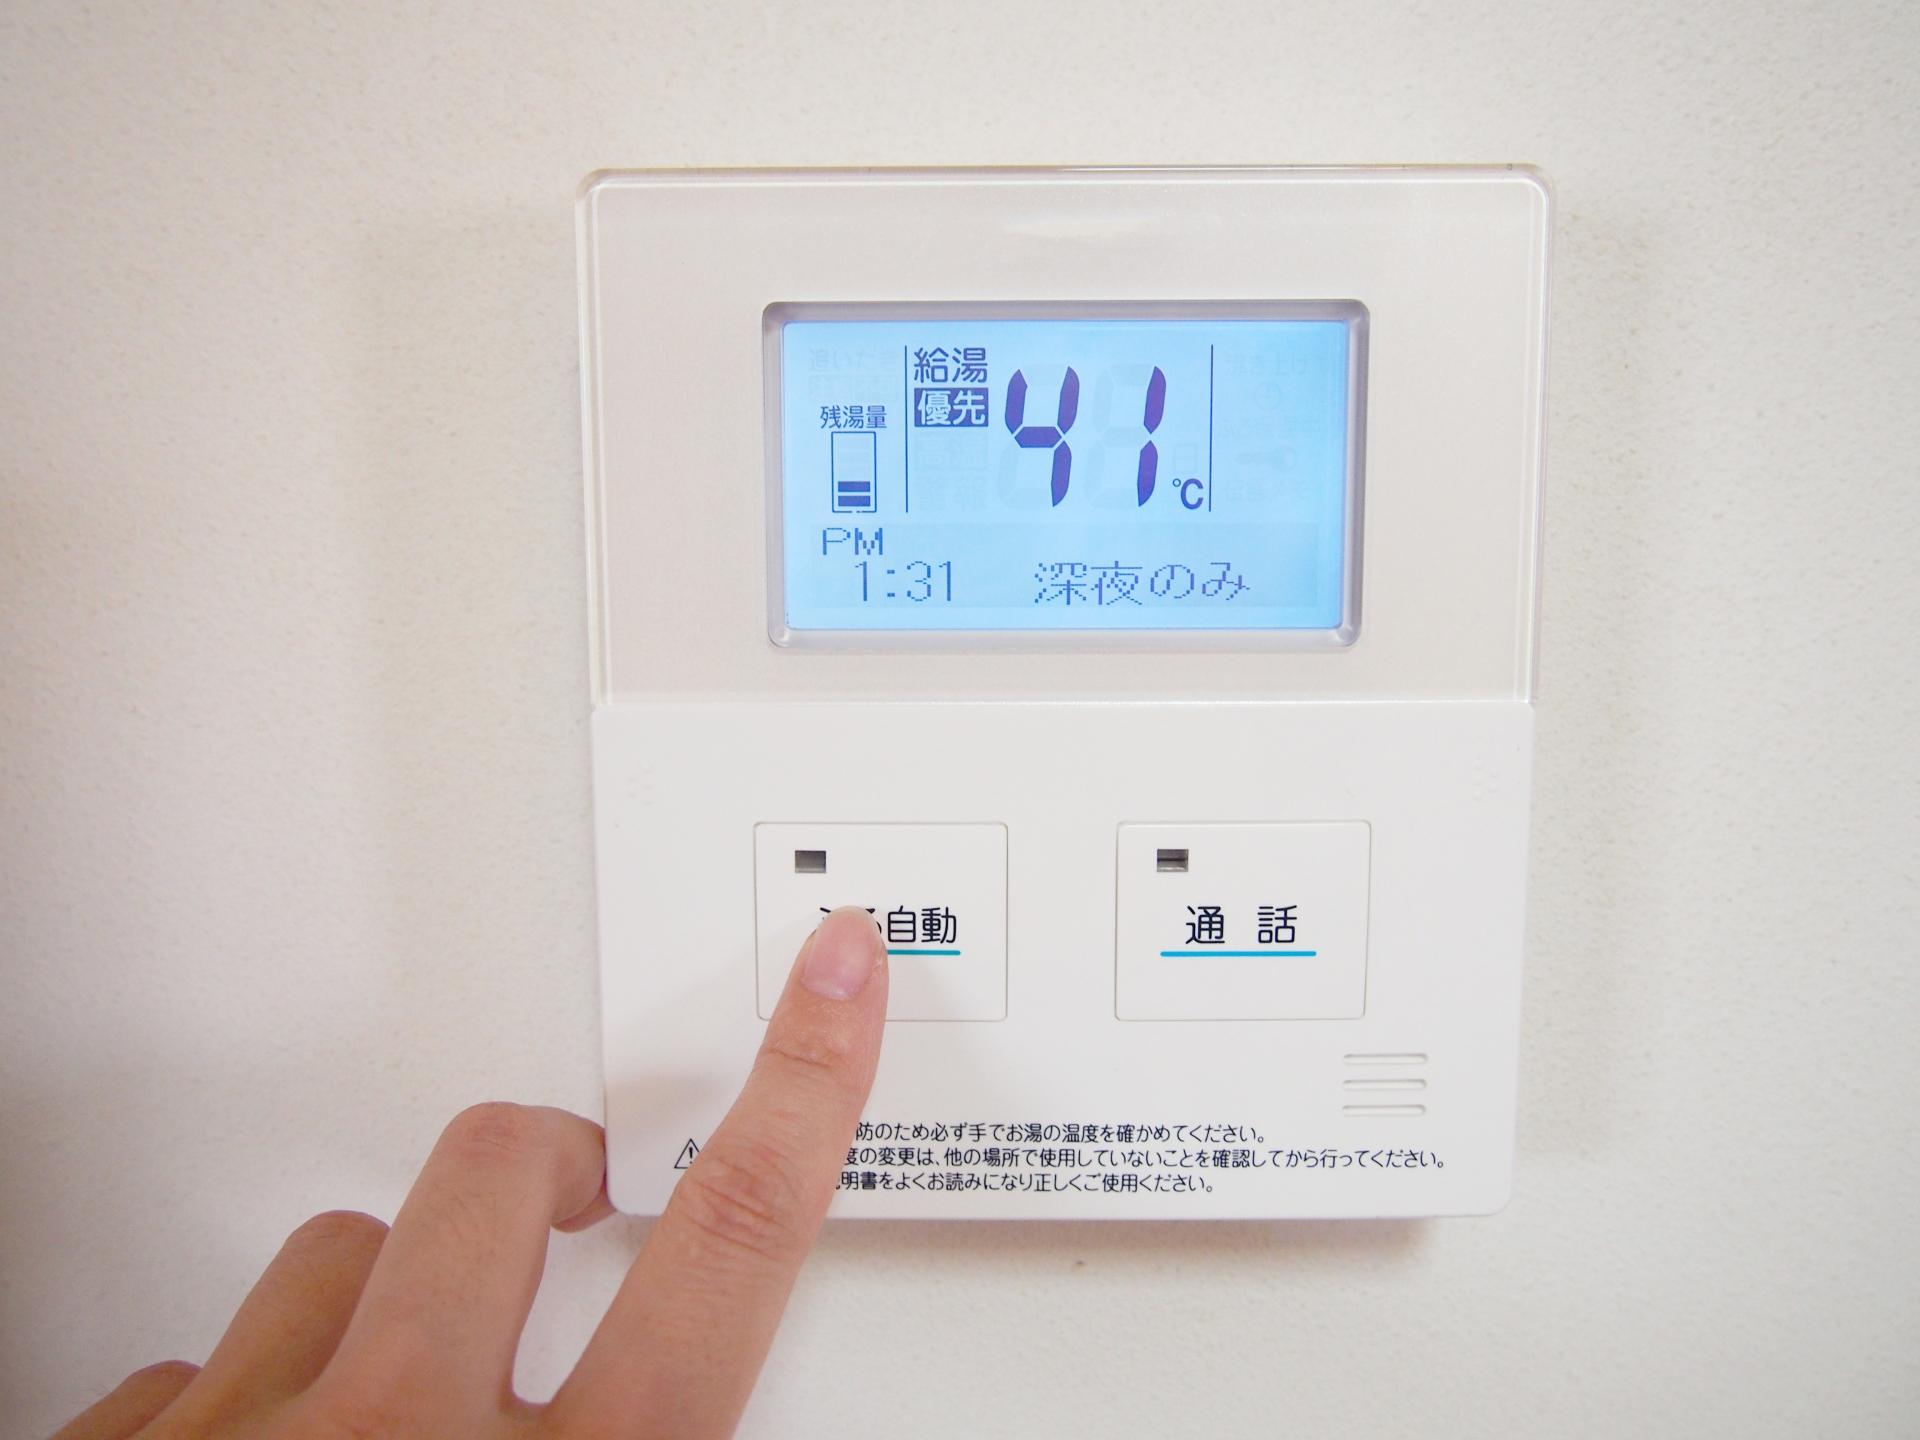 給湯器のリモコンが故障したら?対処法や修理交換時のポイントを解説